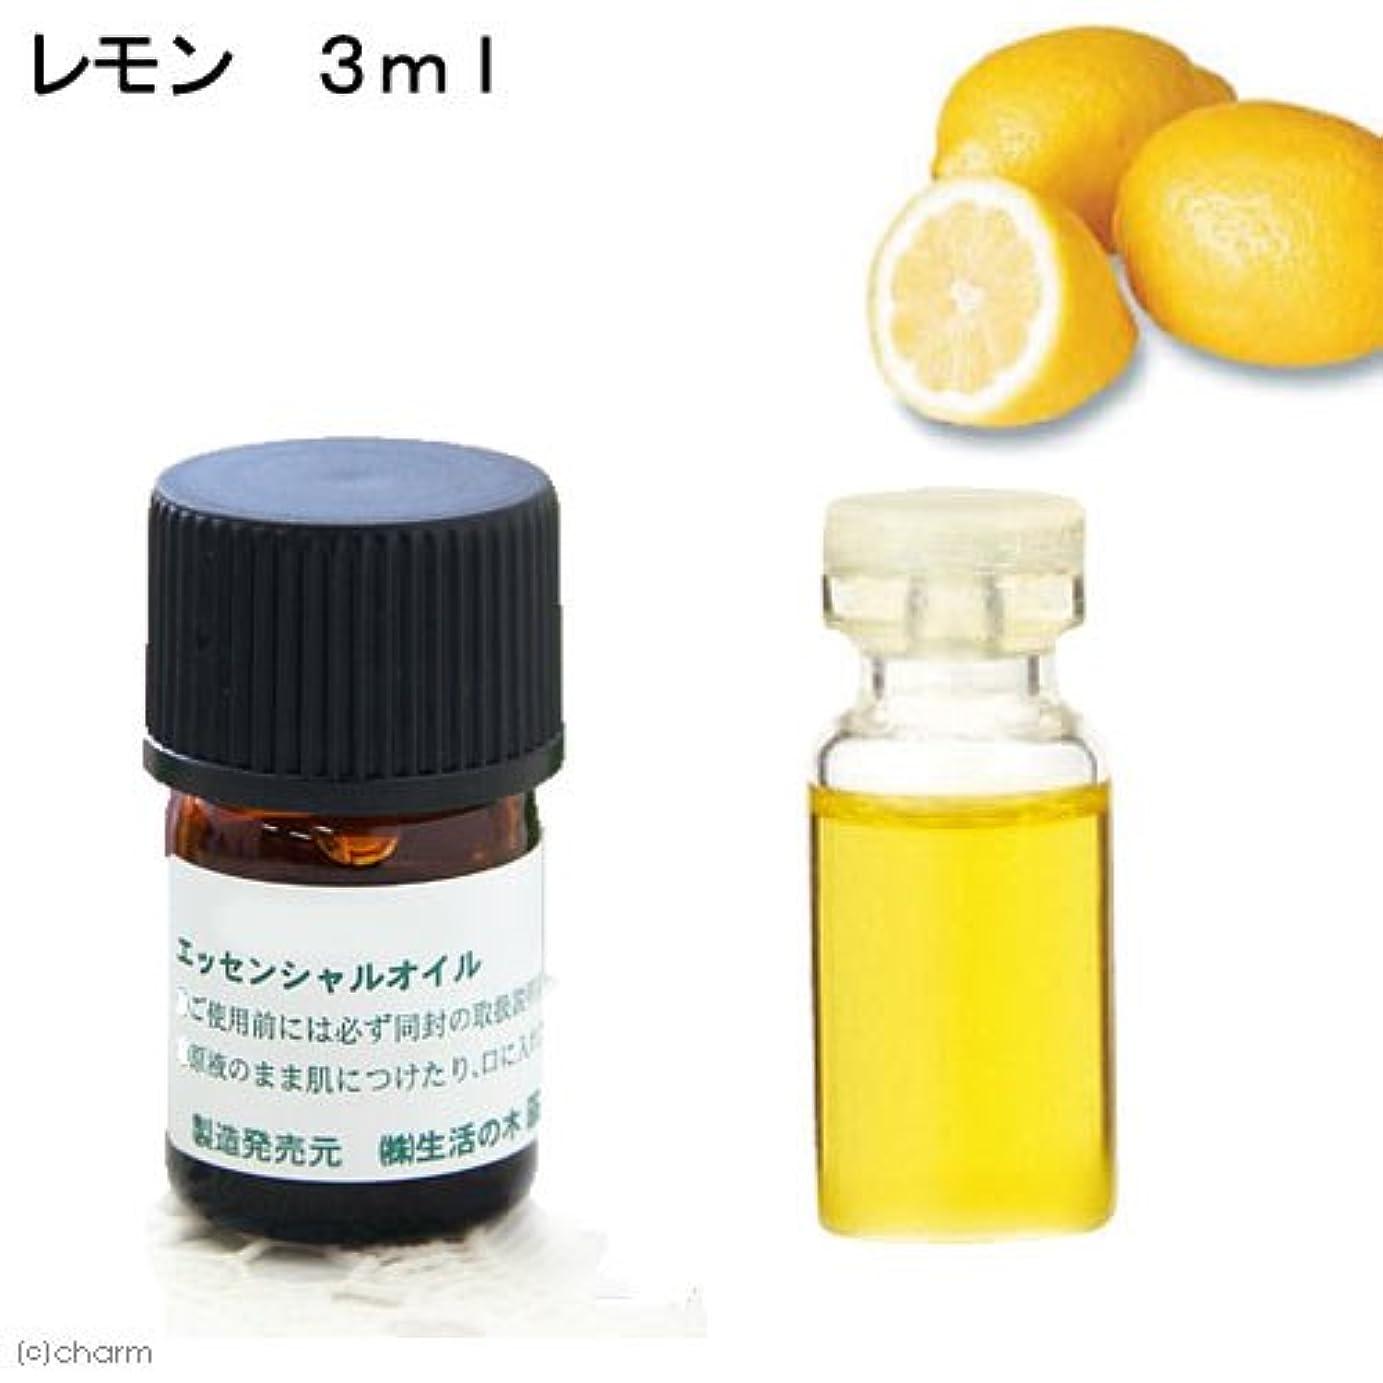 理論的担当者呪われた生活の木 レモン 3ml